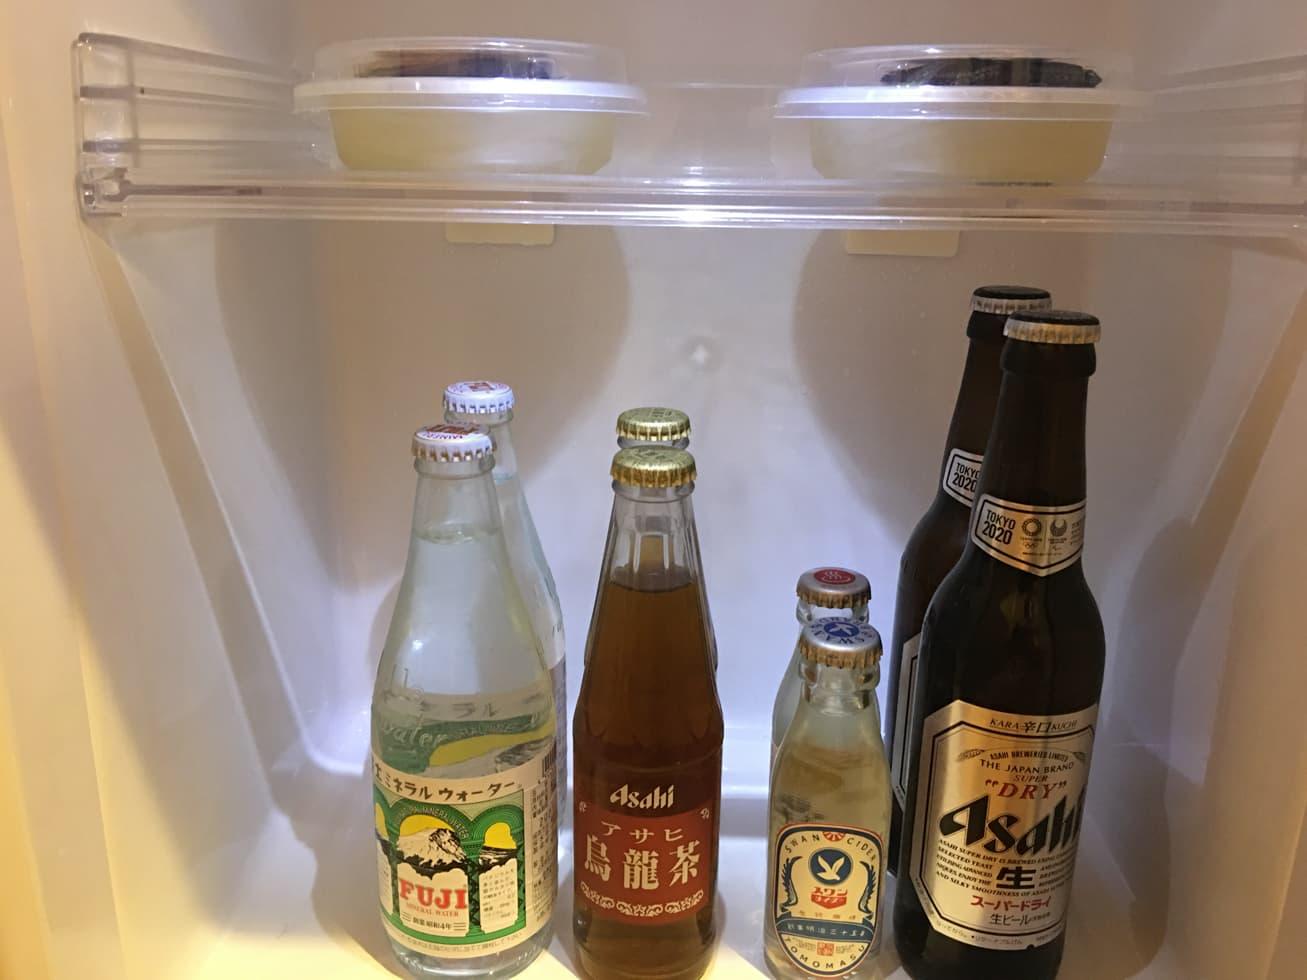 冷蔵庫の中の飲み物の写真